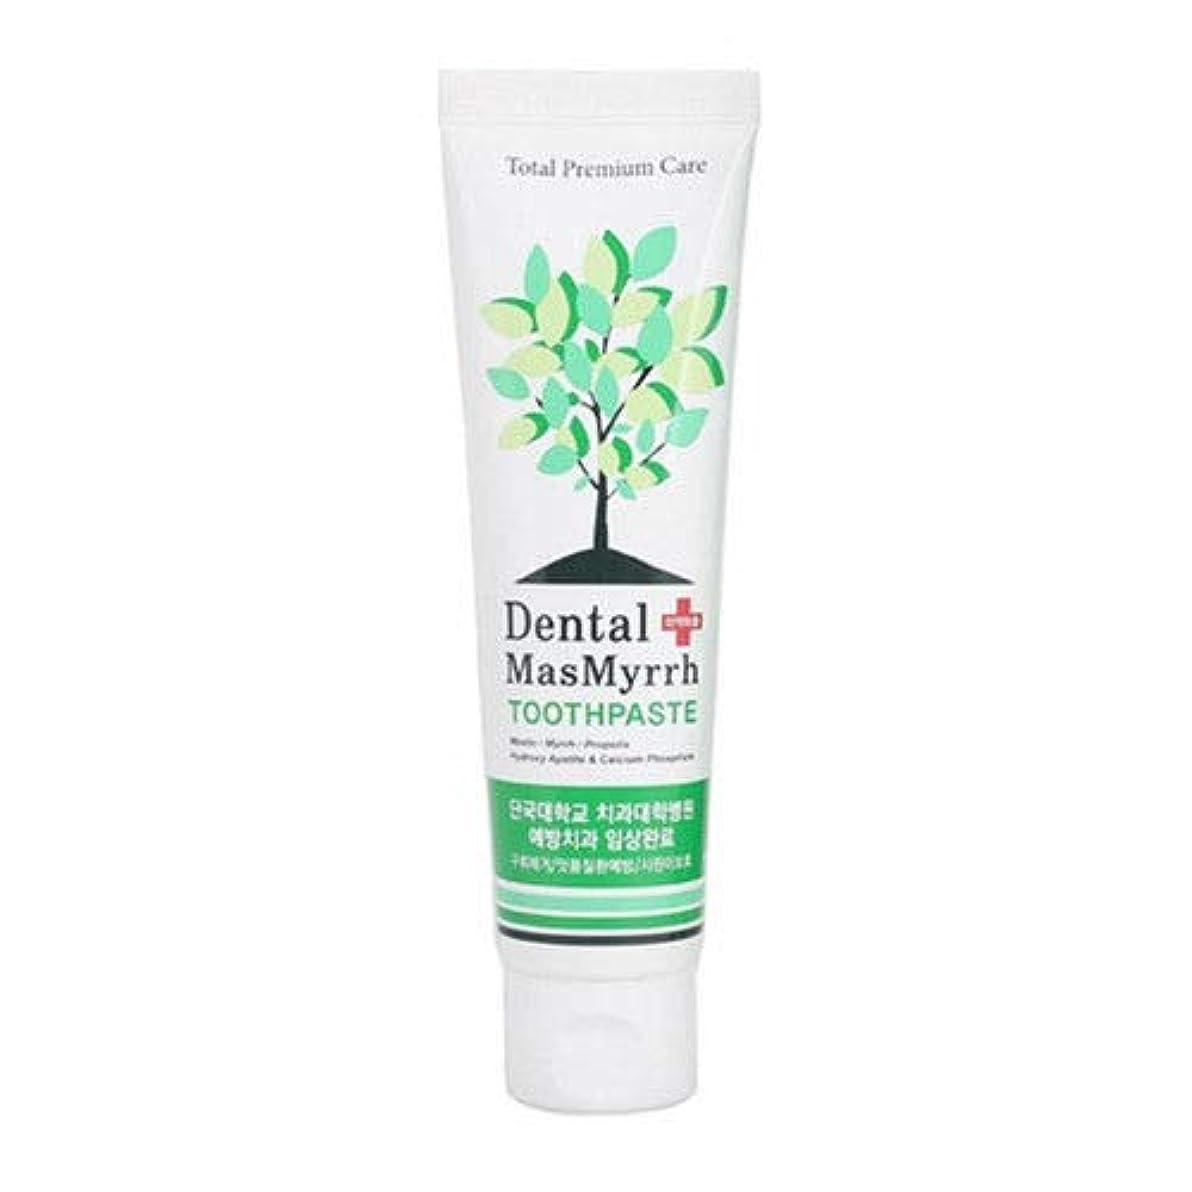 しなやかなパーツ欠乏天然 ナチュラル キシリトール 歯磨き粉 Natural Hernal Xylitol Anti-plague PBL Tube 歯科用 ハミガキ粉 - 130g[並行輸入品]